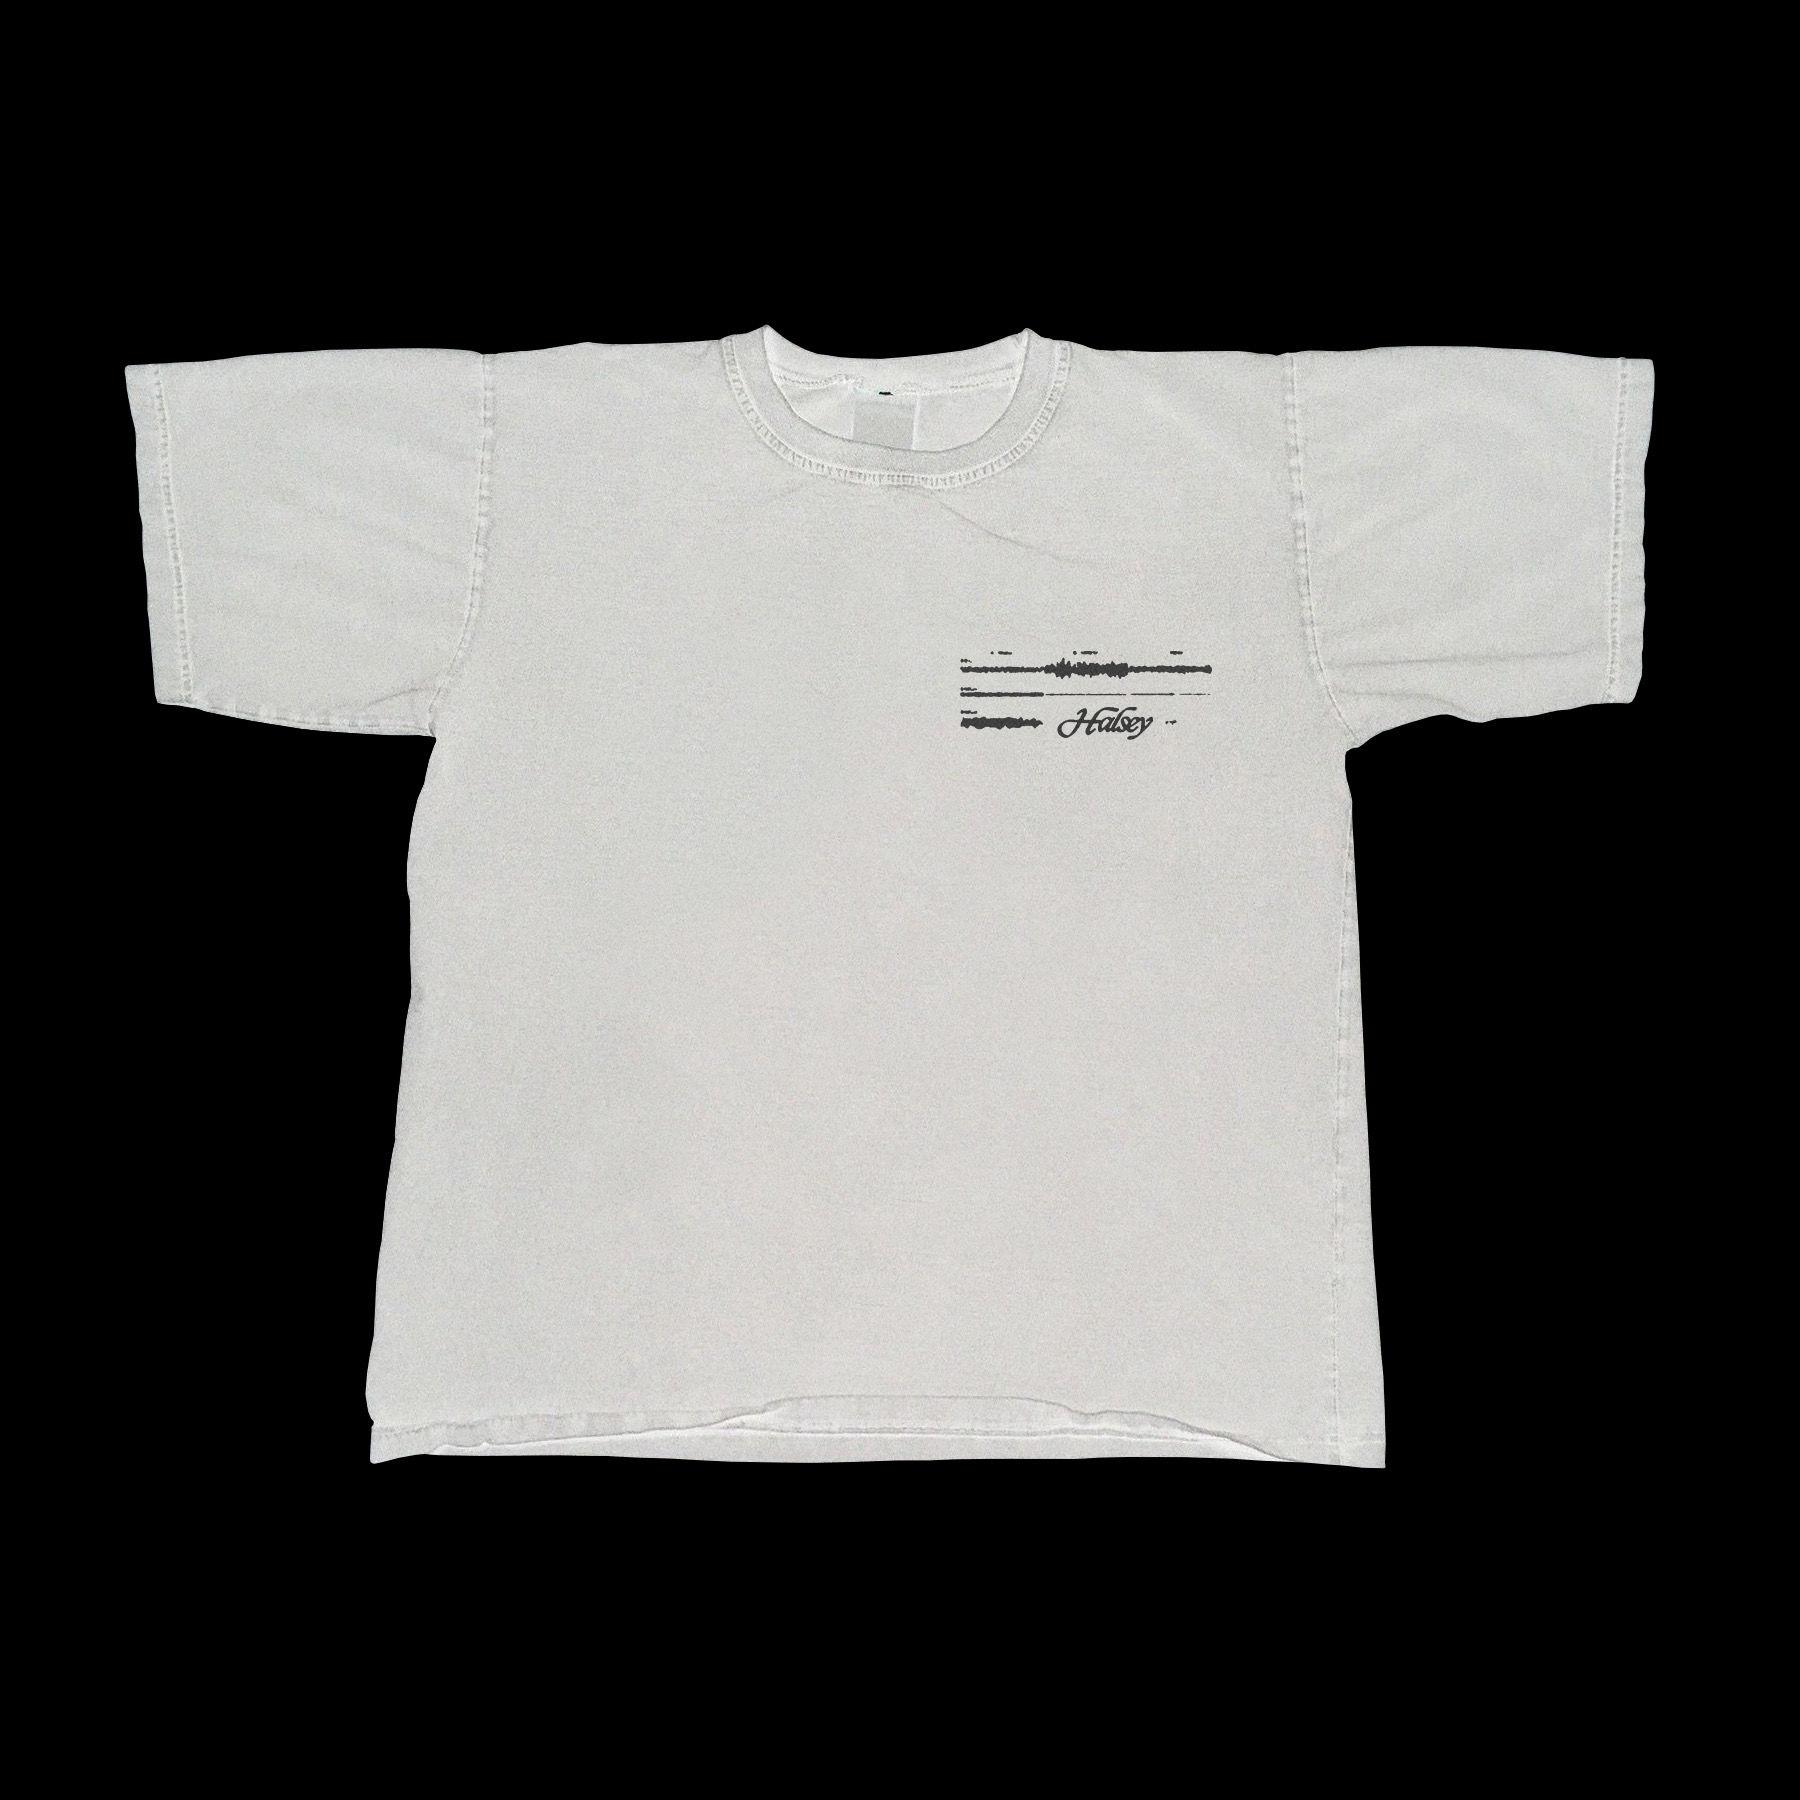 Halsey: Nightmare T-Shirt (White) - S